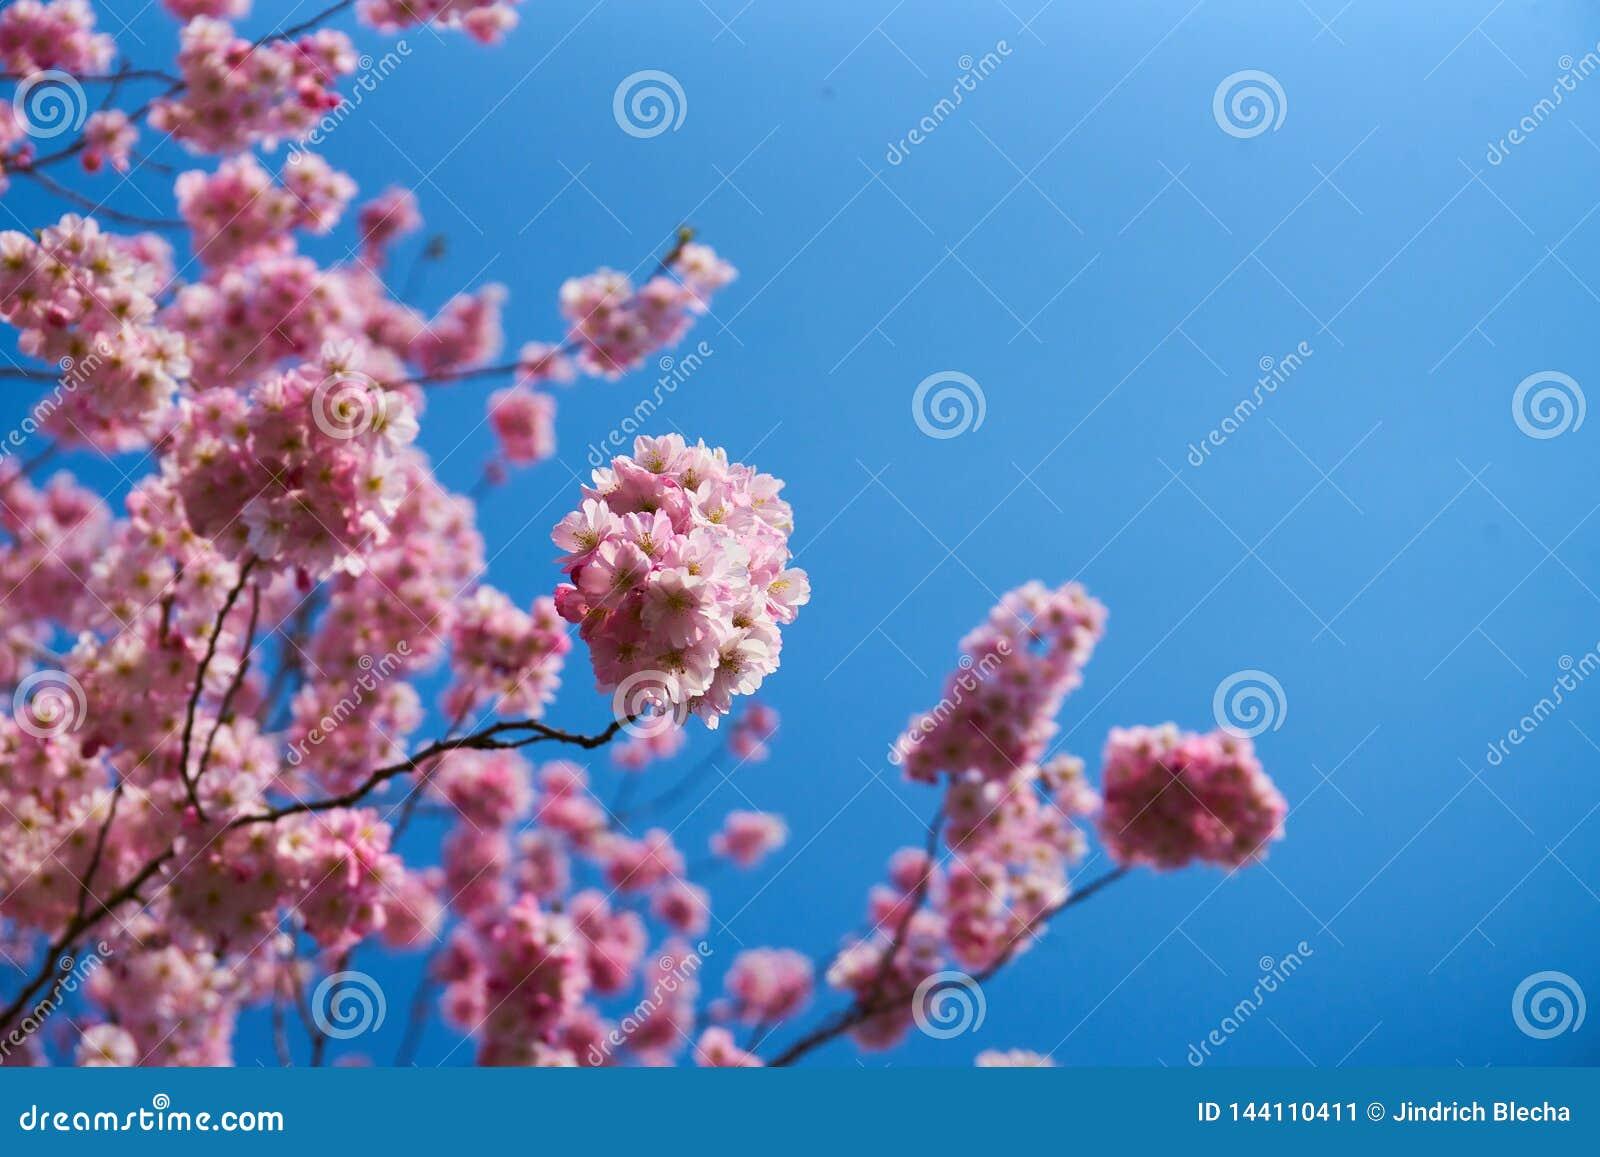 Sakura flowers in blossom